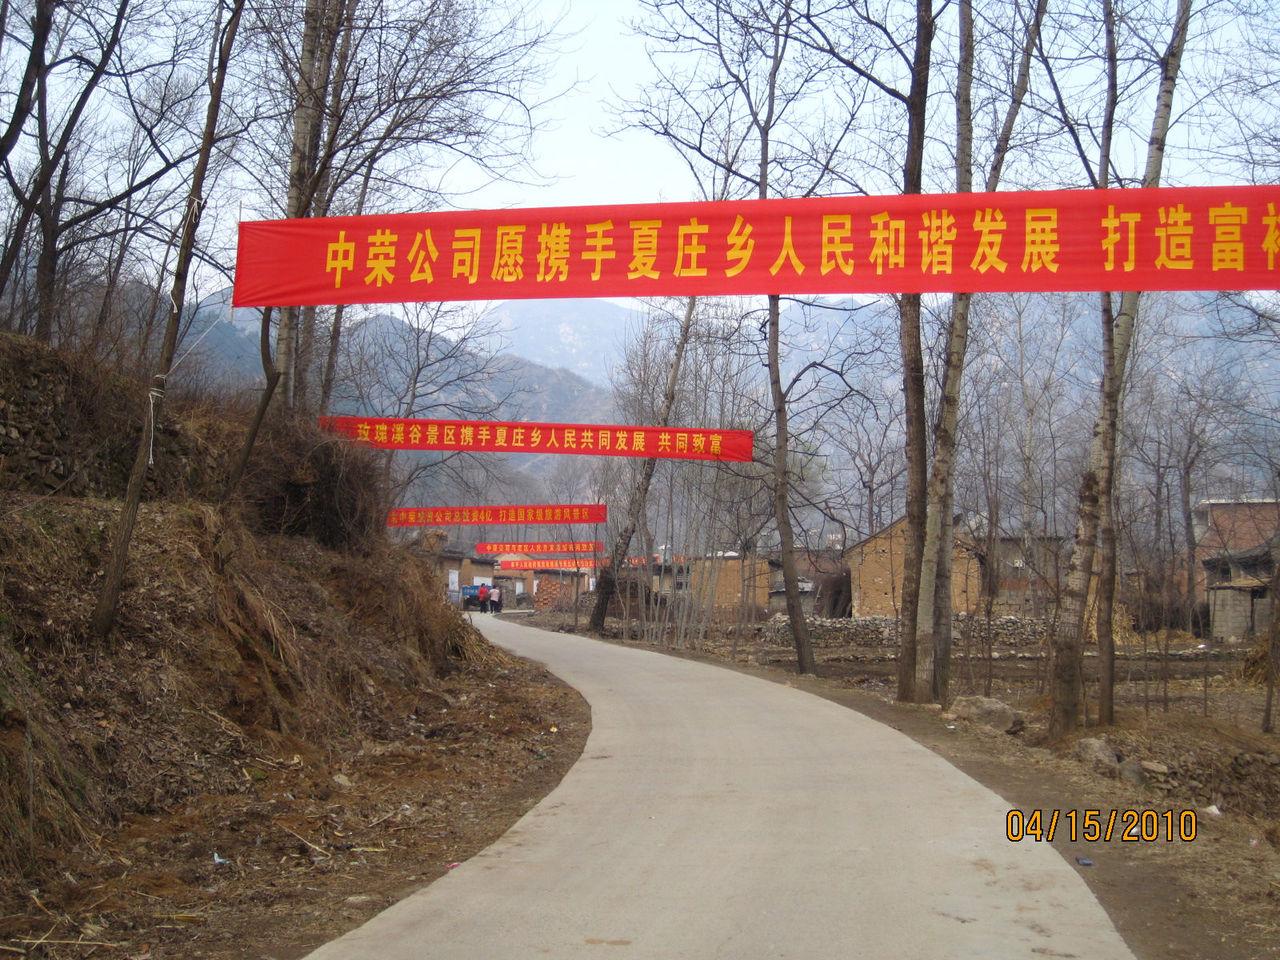 阜平县夏庄乡玫瑰溪谷景区开发启动仪式将于明天举行高清图片